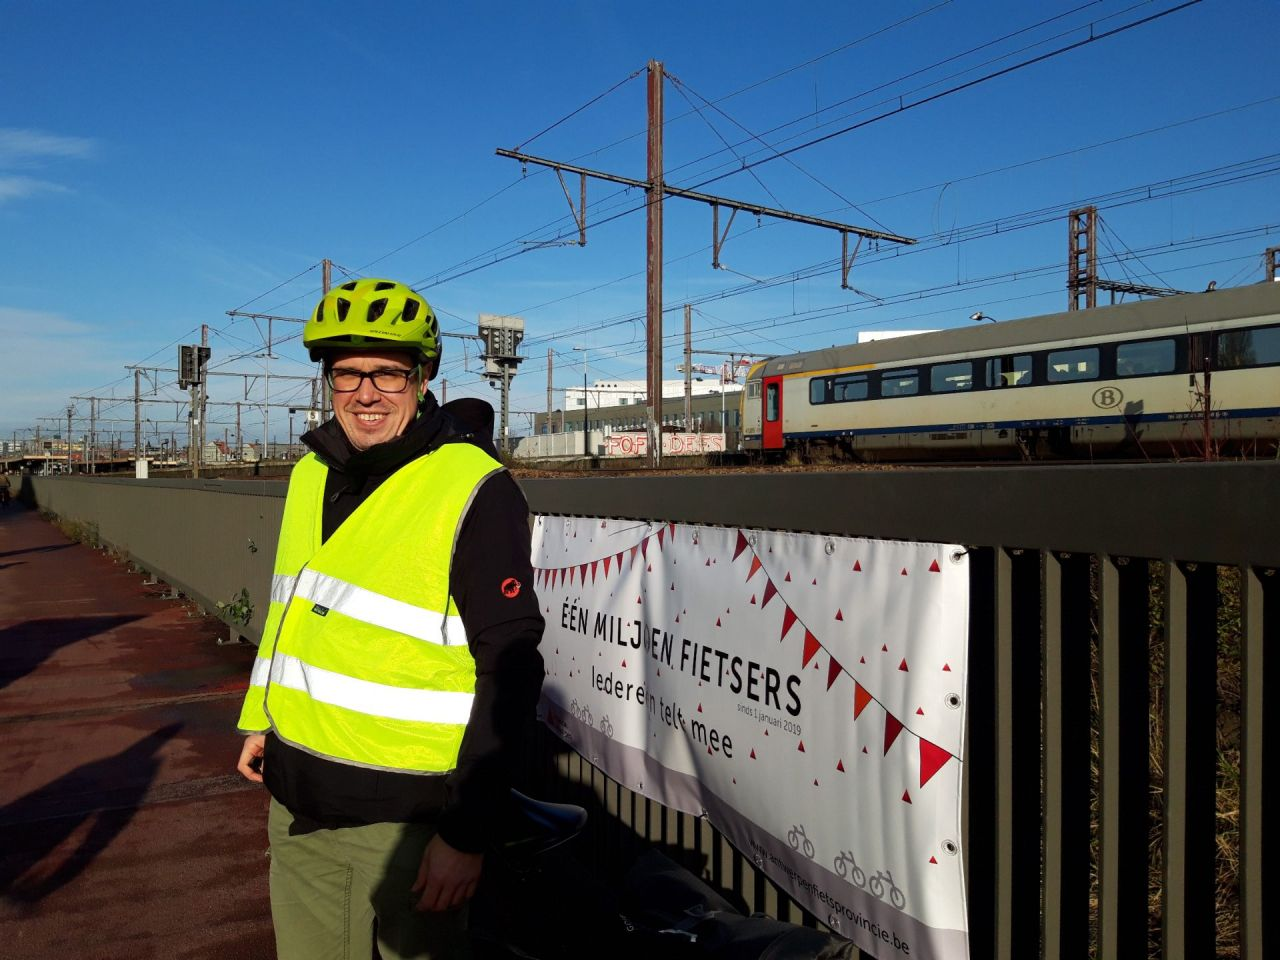 L025 Fietsweg Antwerpen - Mechelen (L25) ('fiets-o-strade' 2 - axe nord-sud) [sud] F01 - Page 5 1576894524431